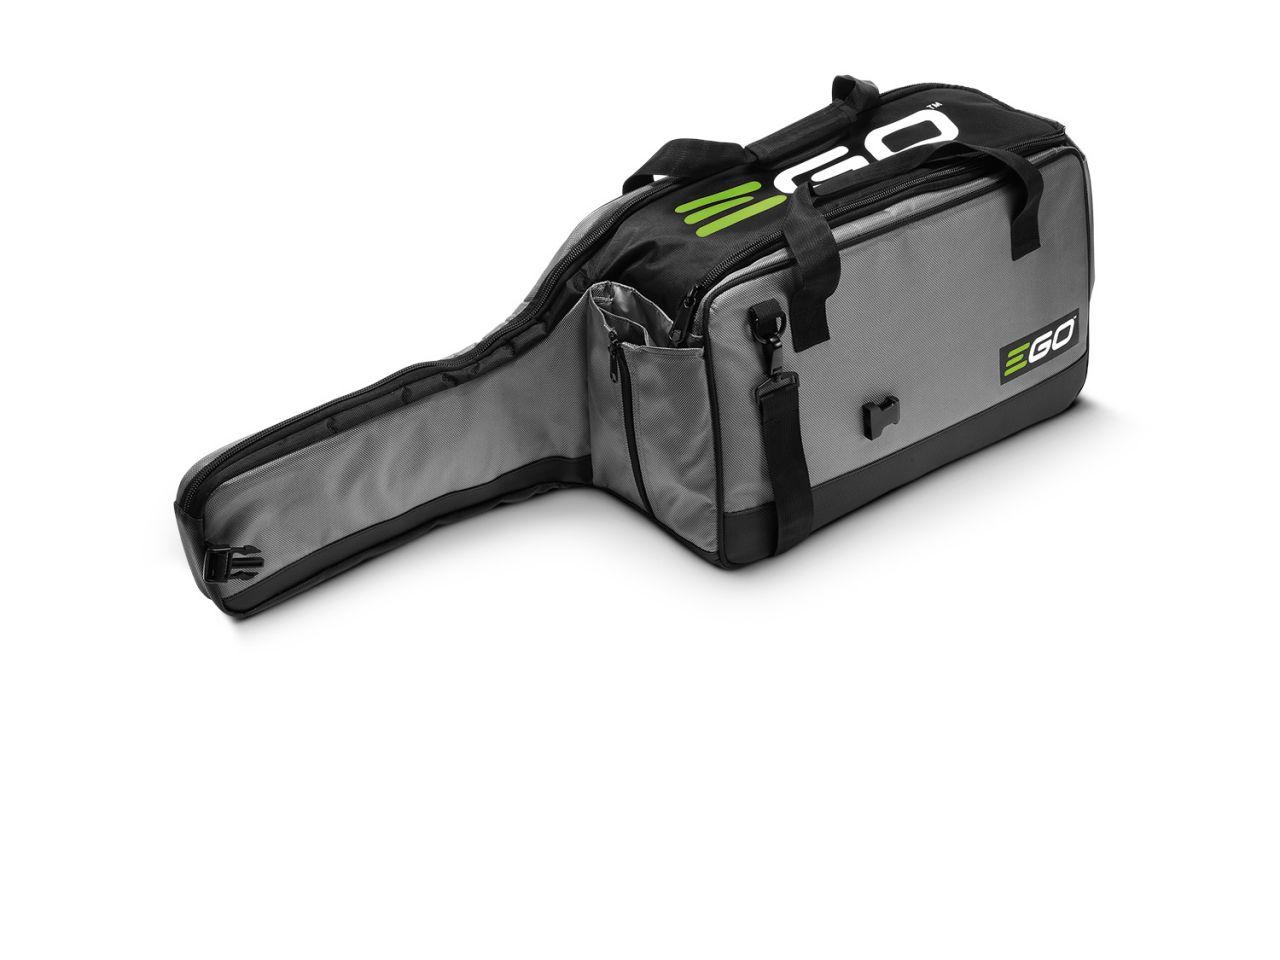 EGO Transporttasche für Kettensäge